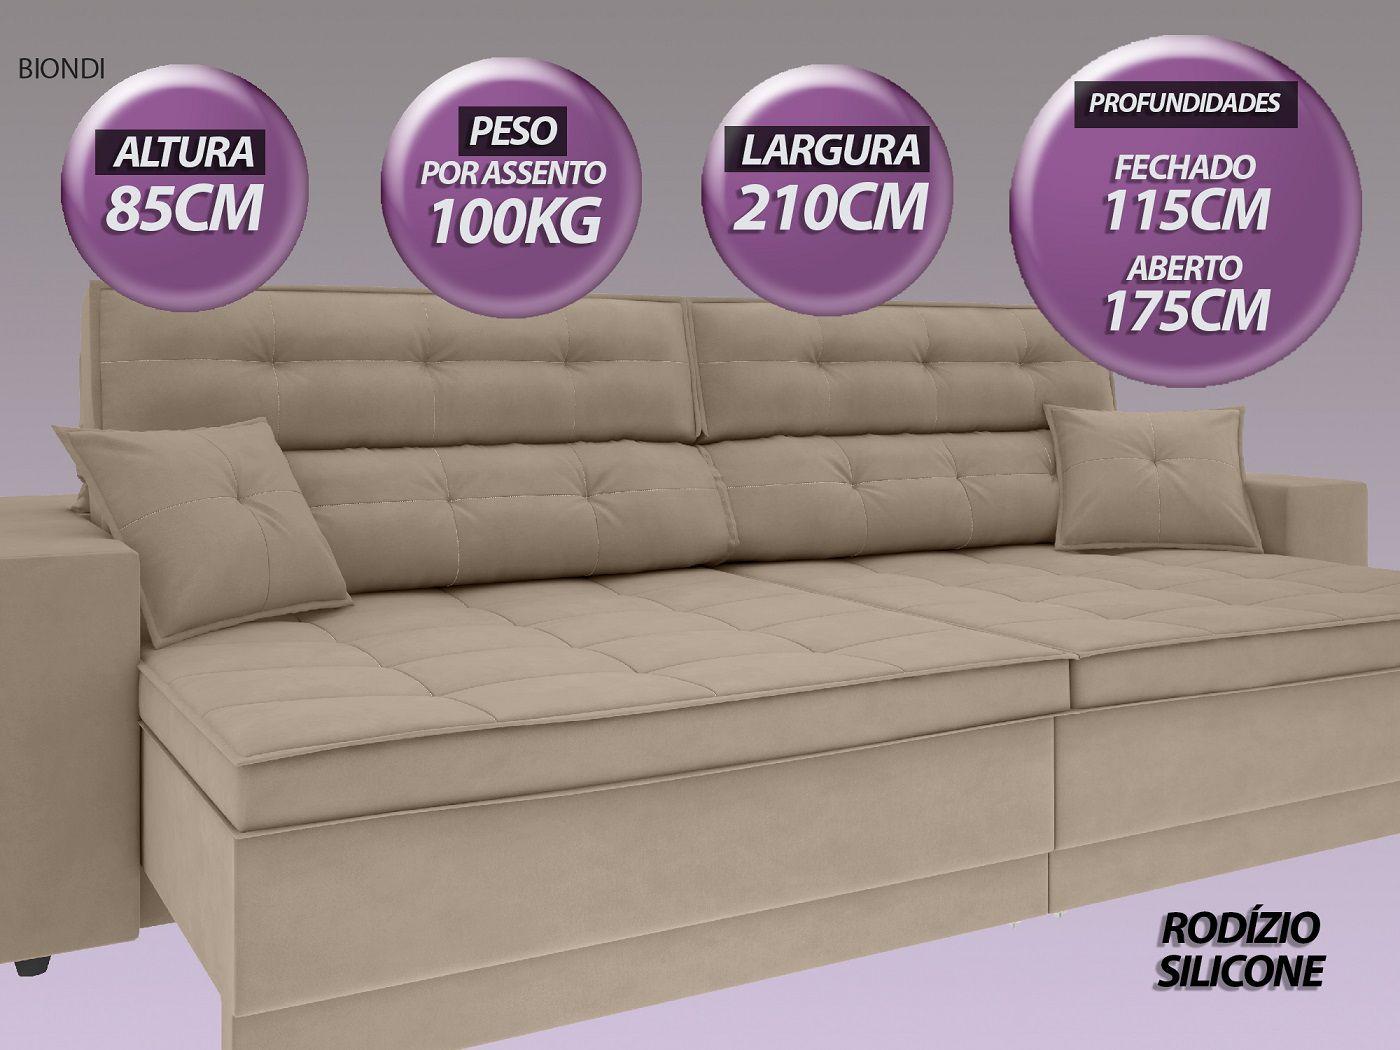 Sofá New Biondi 2,10m Retrátil e Reclinável Velosuede Capuccino  - NETSOFAS  - NETSOFÁS